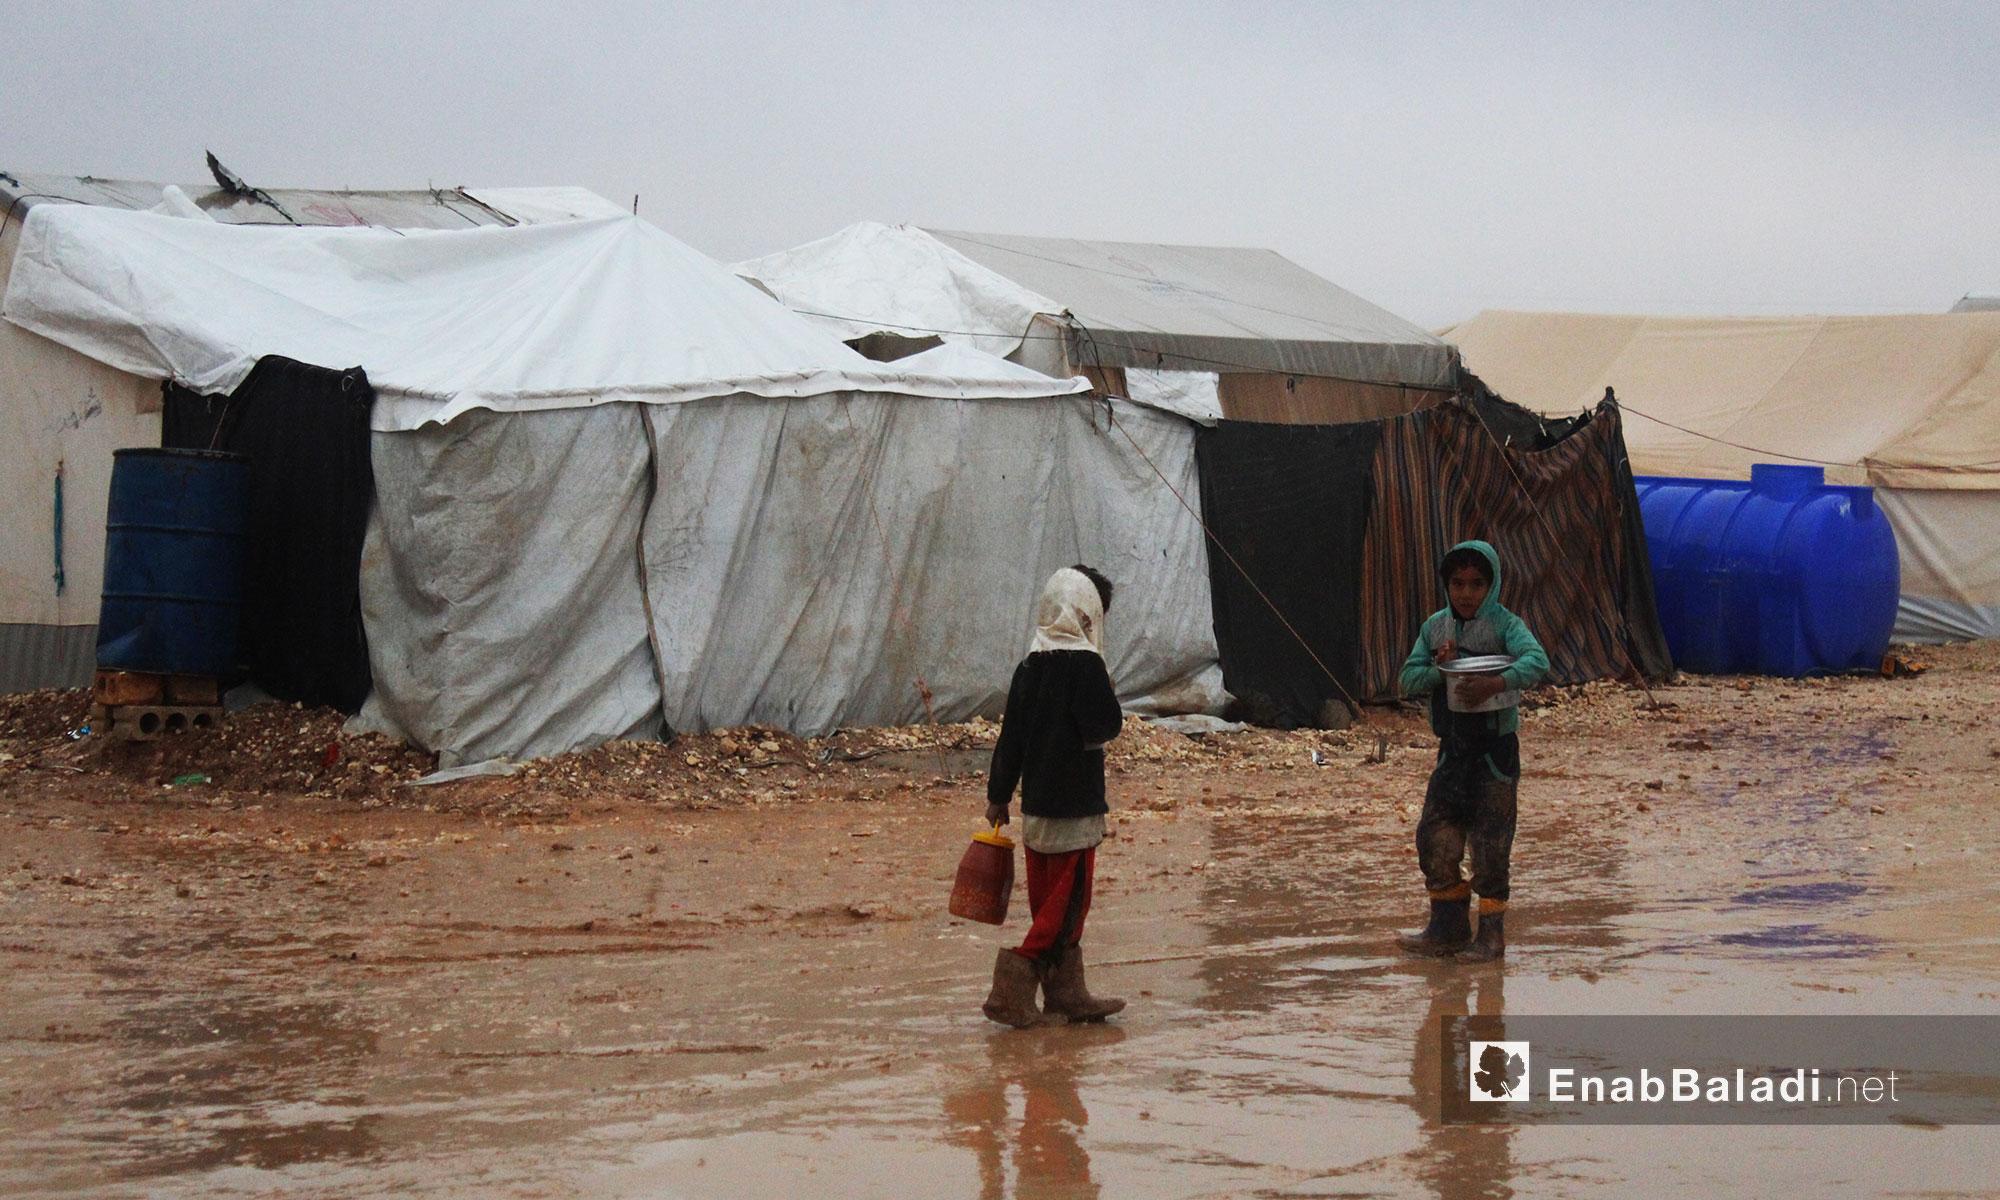 طفلان نازحان بعد توقف الأمطار في مخيم بريف حلب الشمالي - 1 كانون الأول 2016 (عنب بلدي)